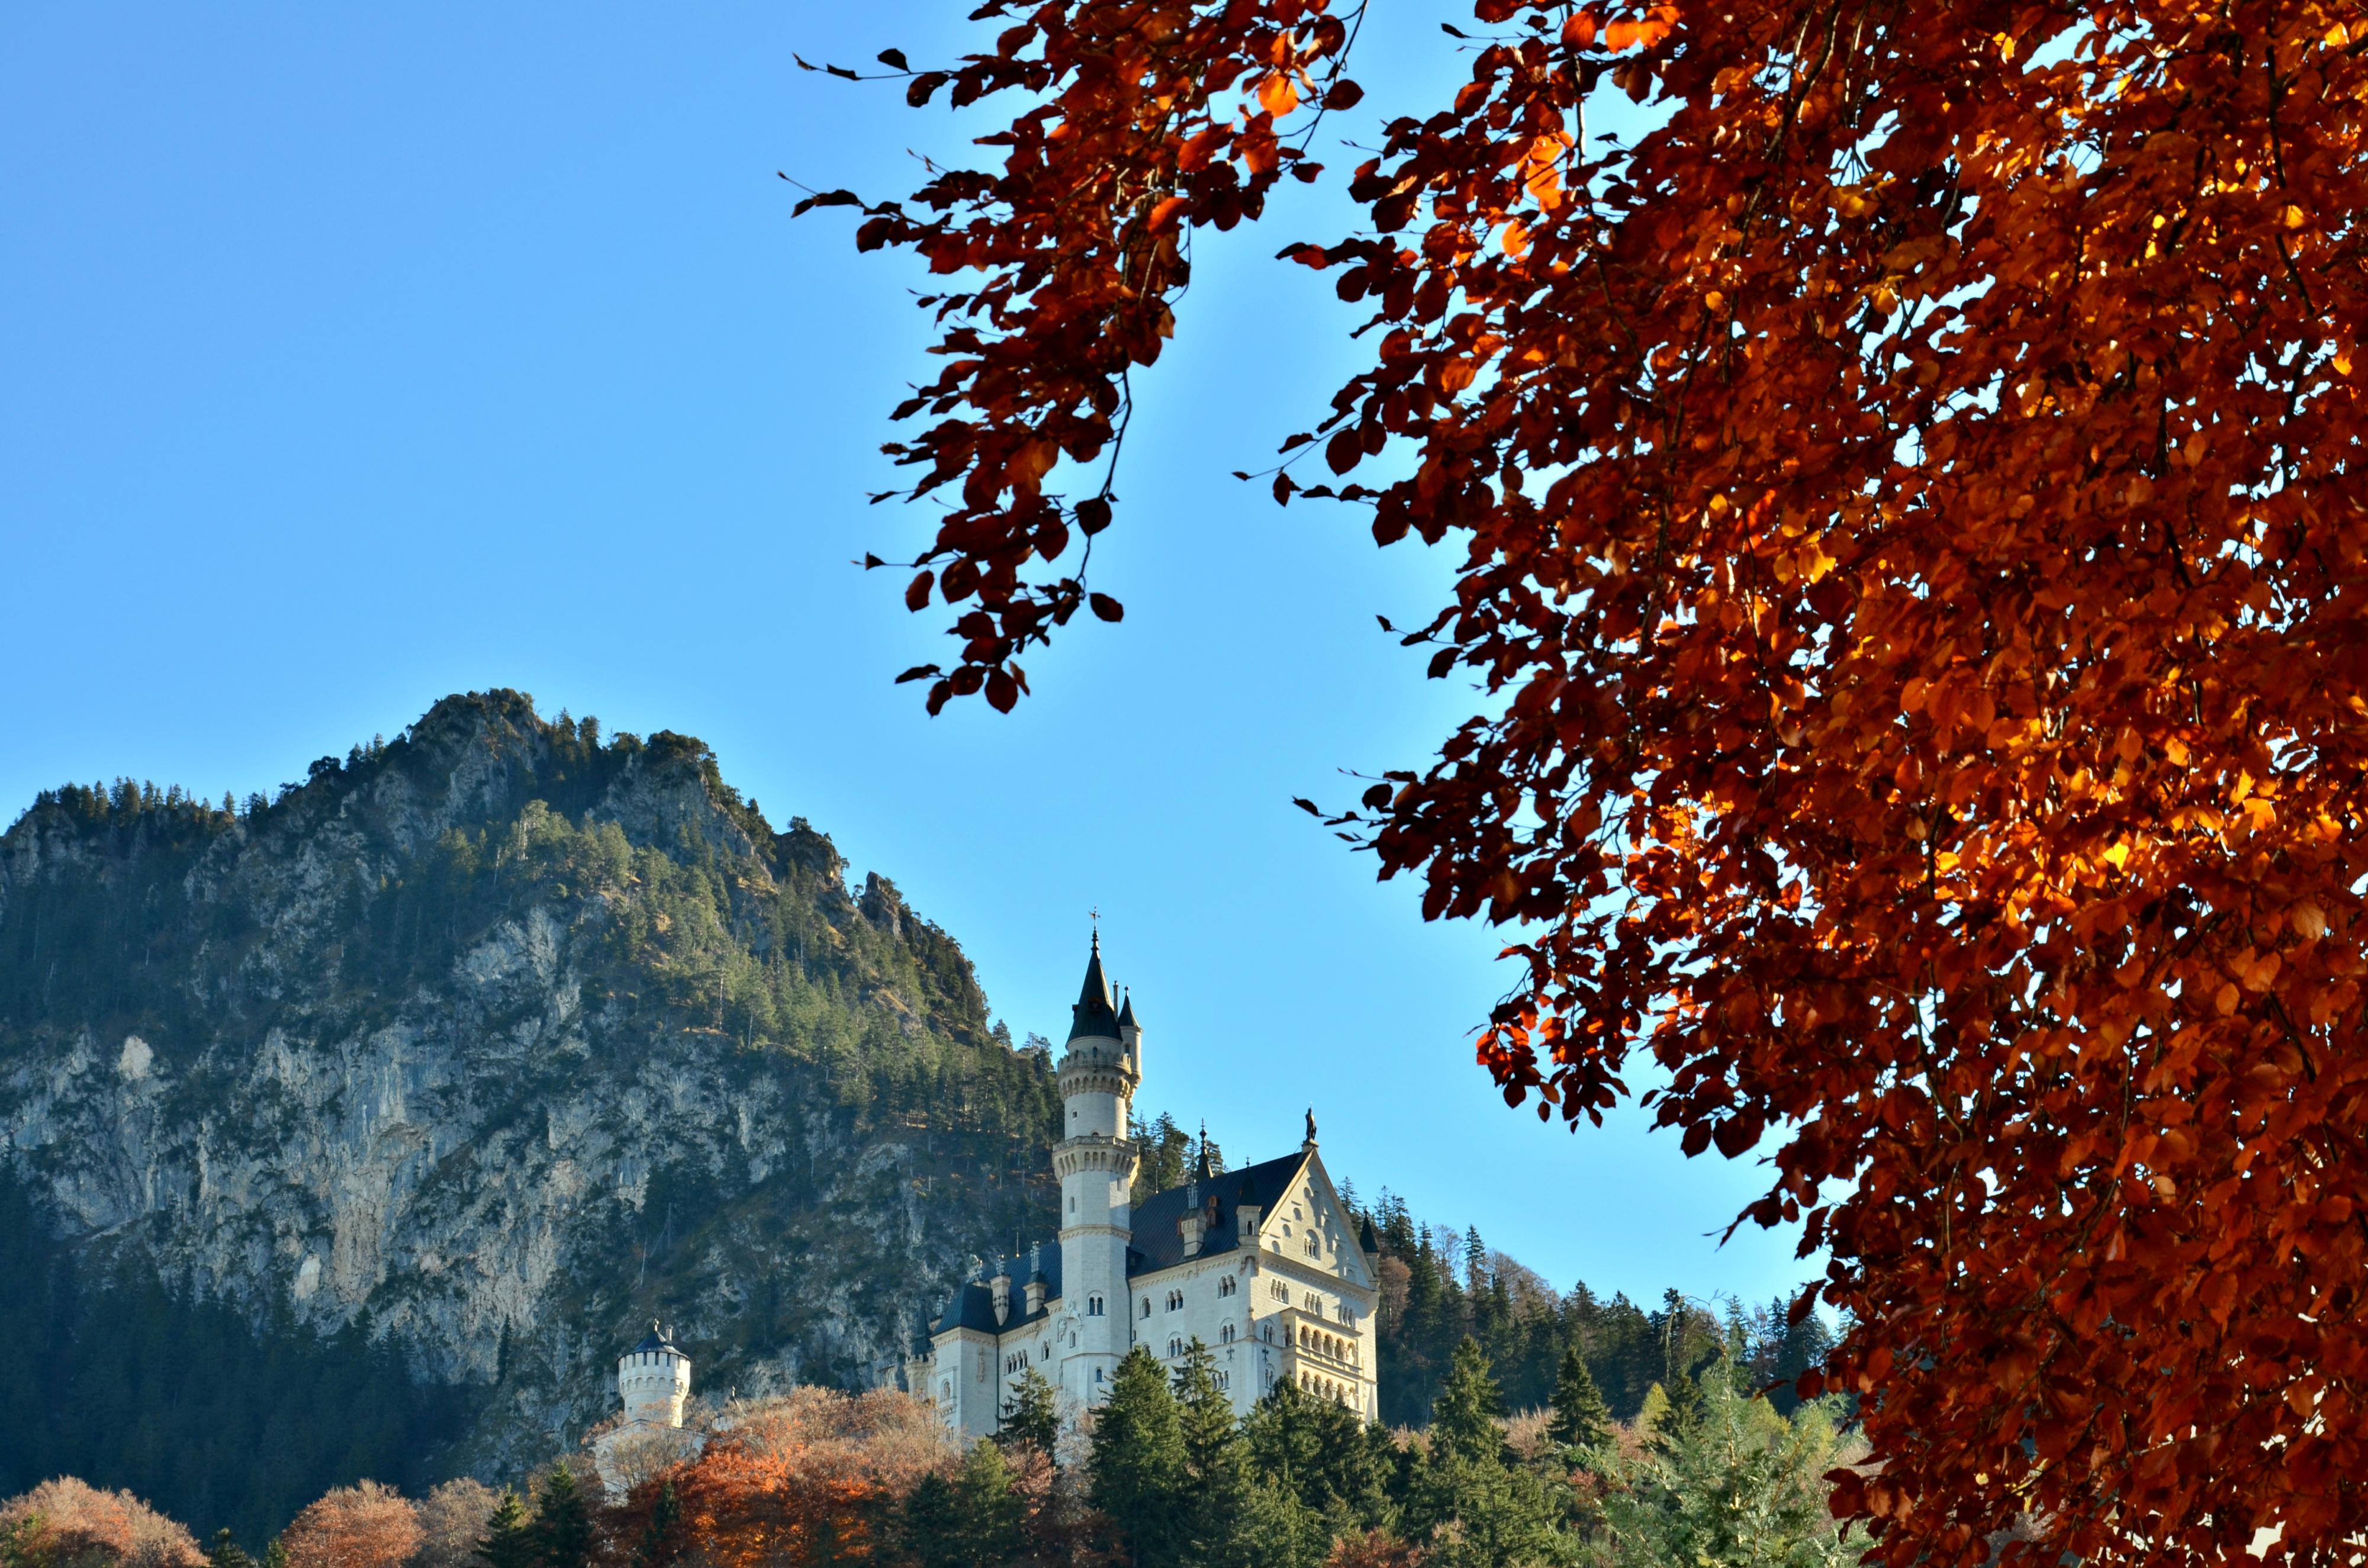 B0072 Herbstlaub am Schloss Neuschwanstein.jpg